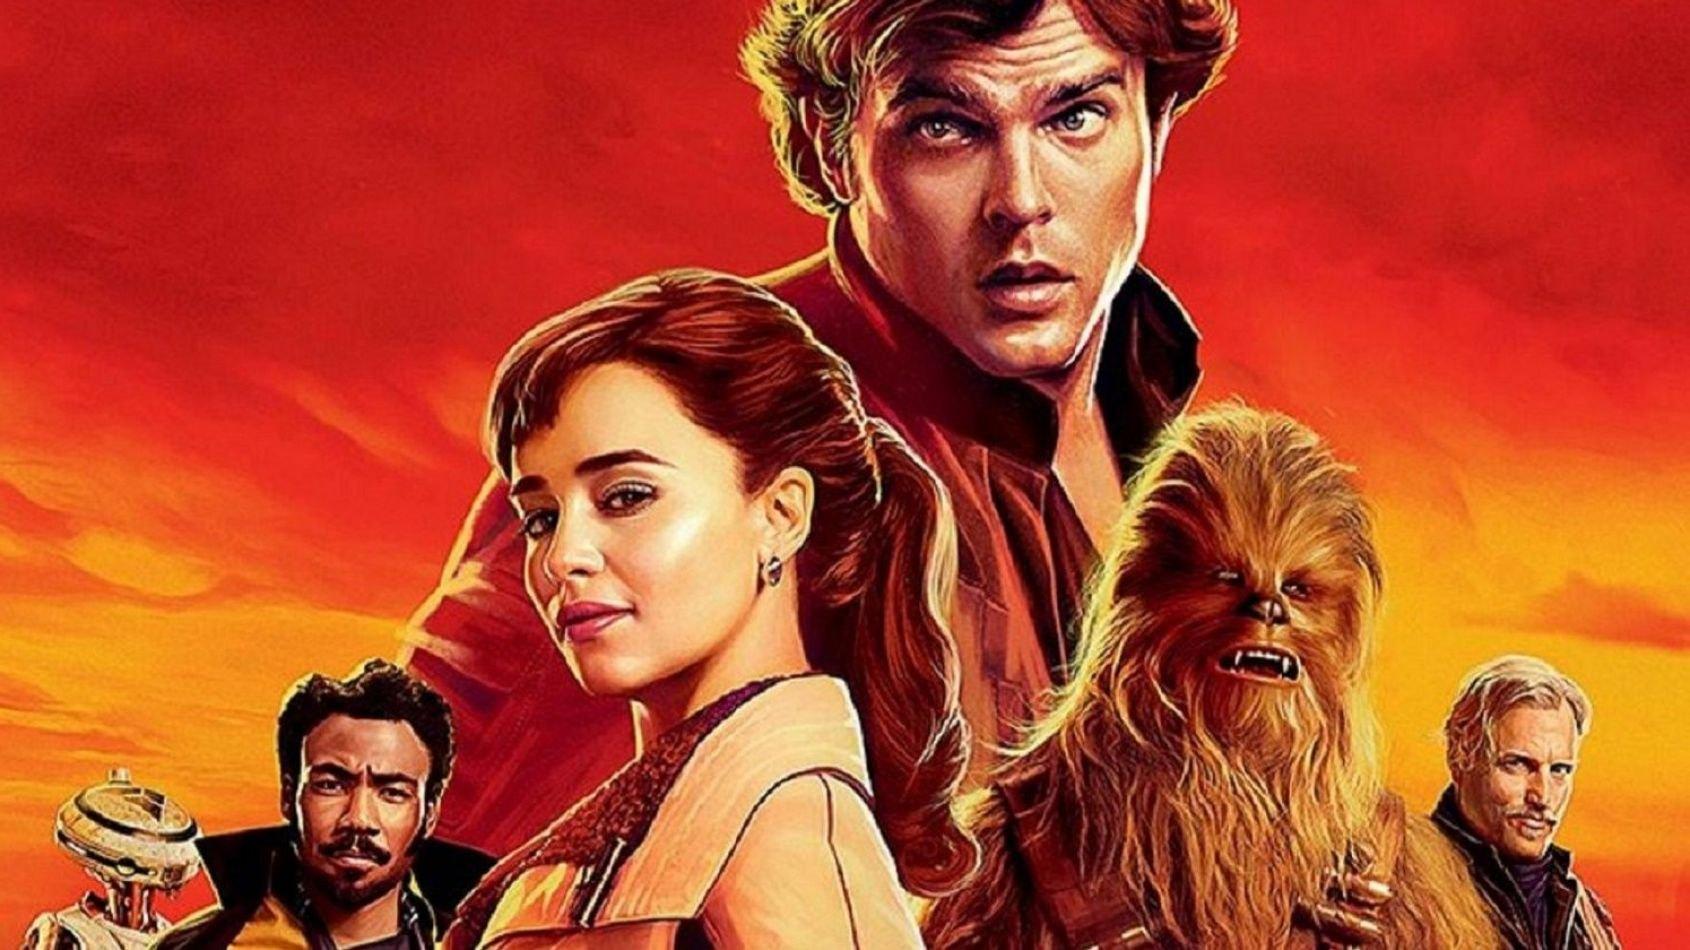 Solo A Star Wars Story durerait 2h15